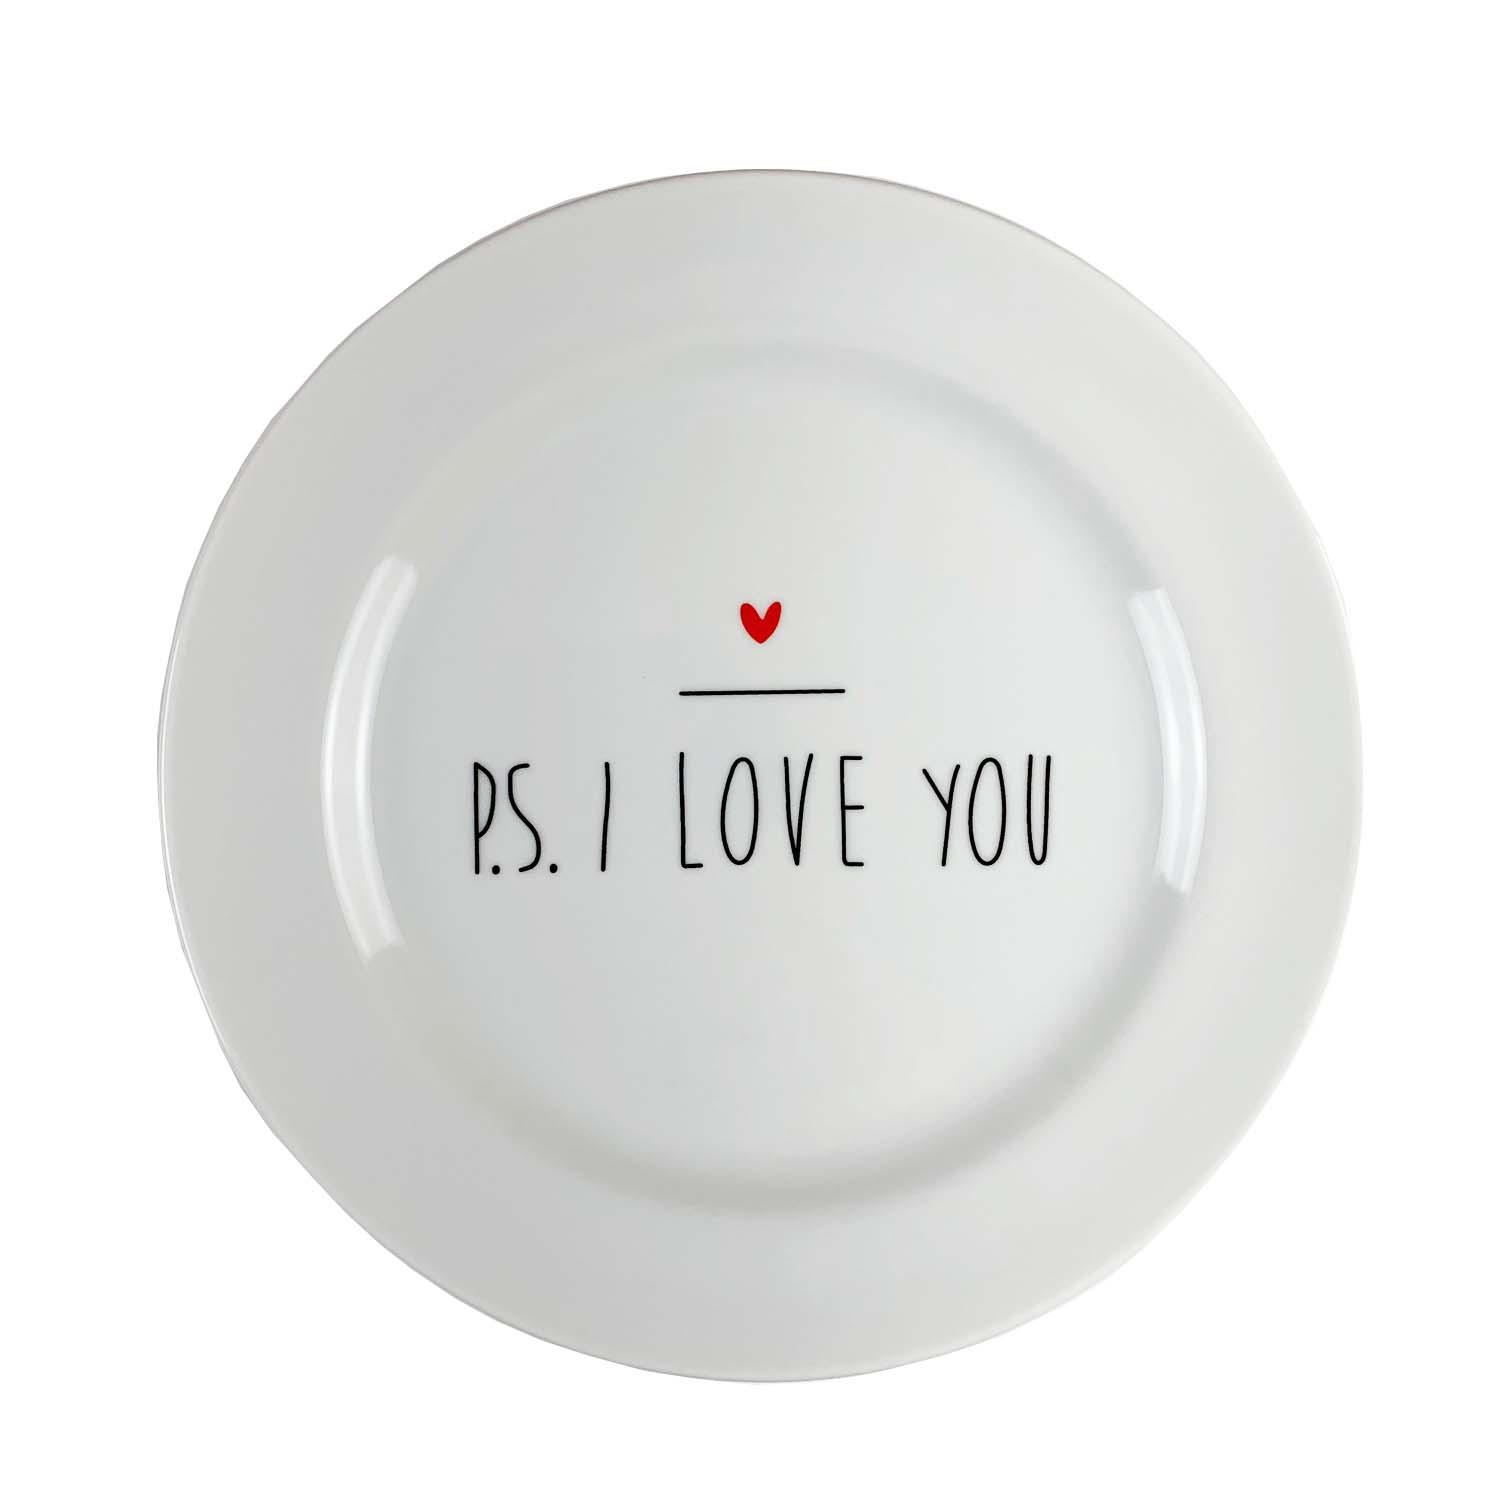 Jogo c/2 Pratos Sobremesa, em porcelana 20 cm diâmetro, coleção exclusiva PS I love you